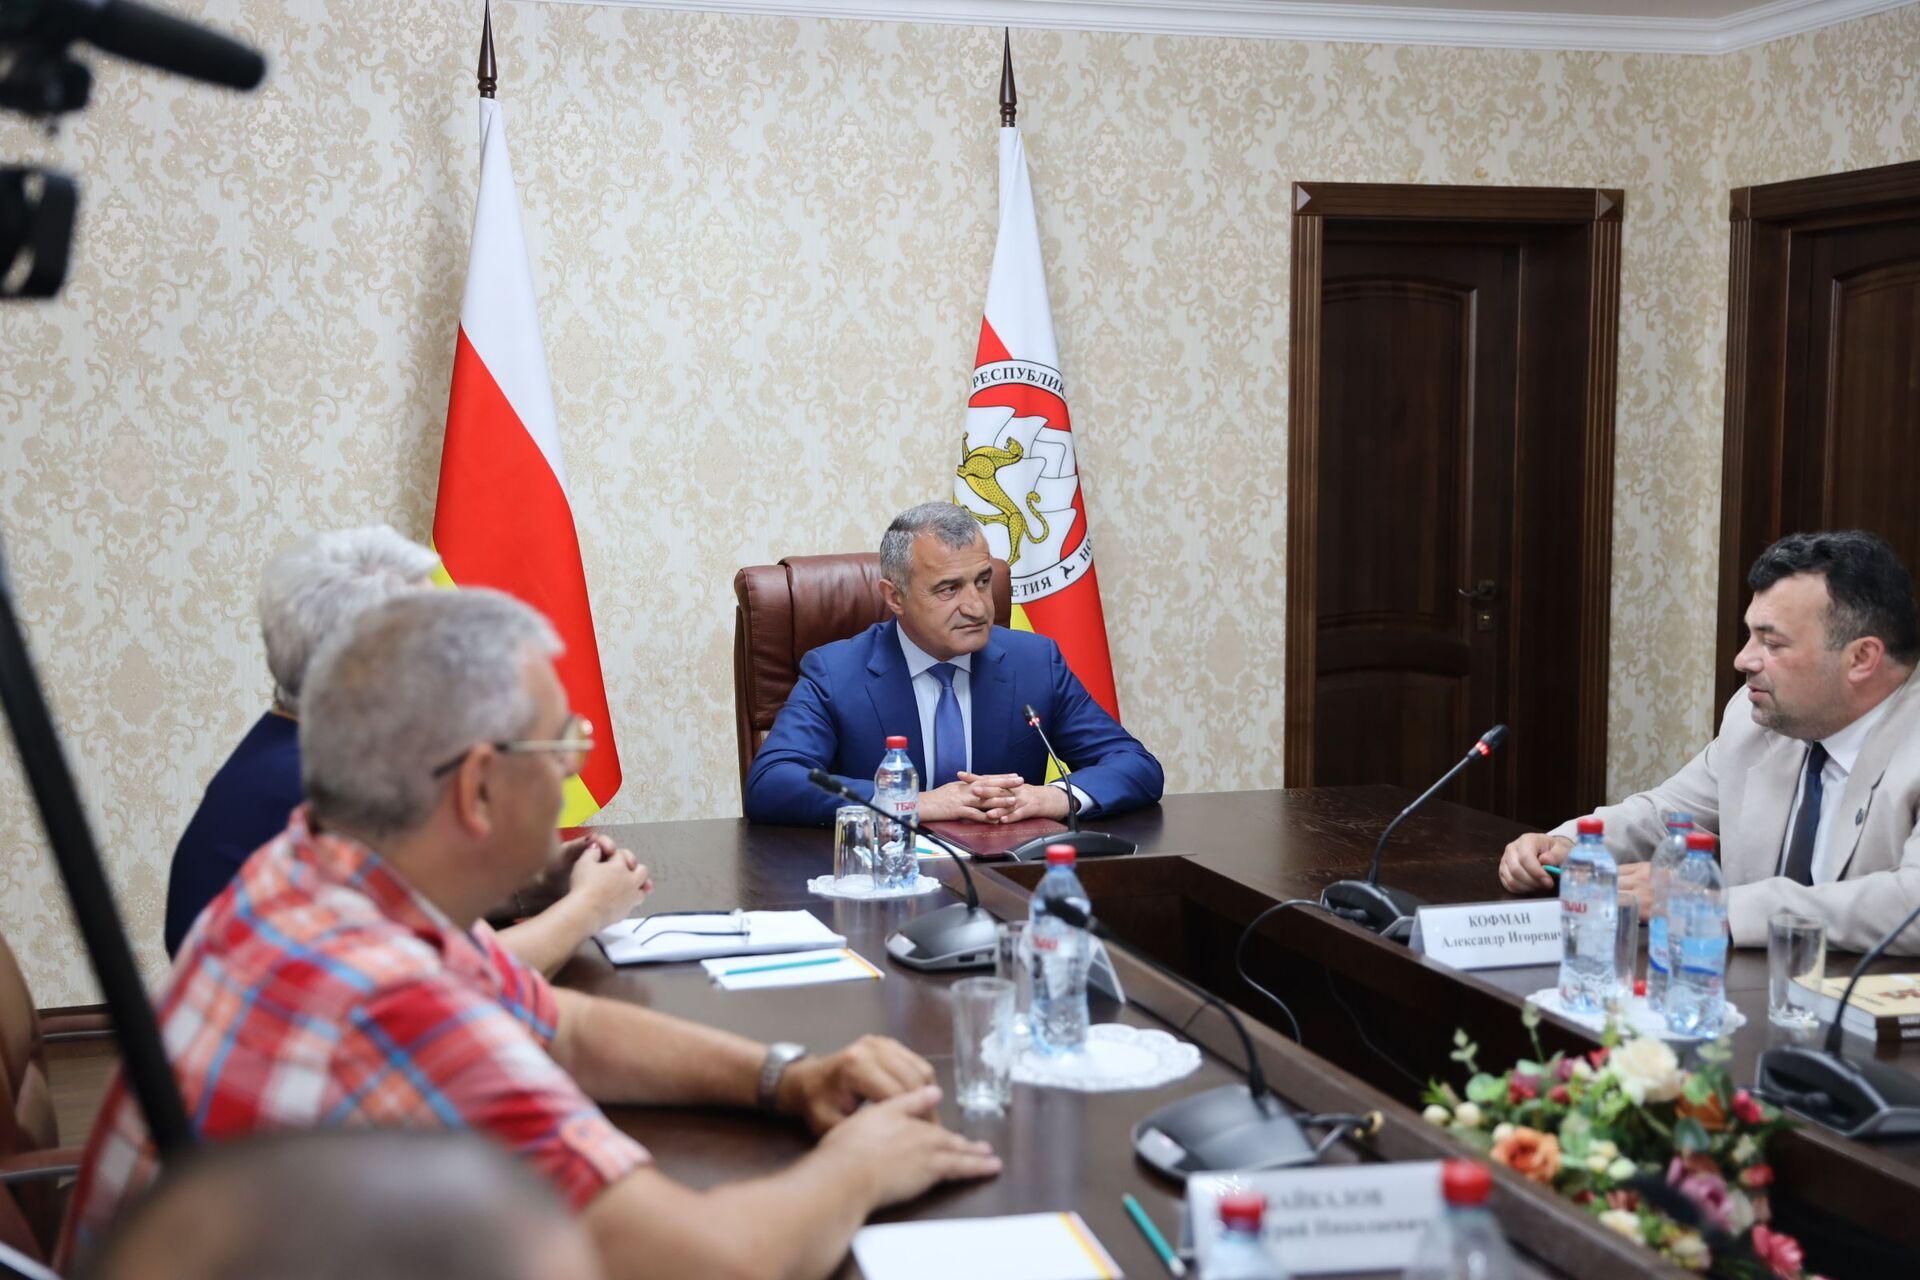 Будем развивать связи с Южной Осетией: Цхинвал посетила делегация писателей из ДНР - Sputnik Южная Осетия, 1920, 19.07.2021